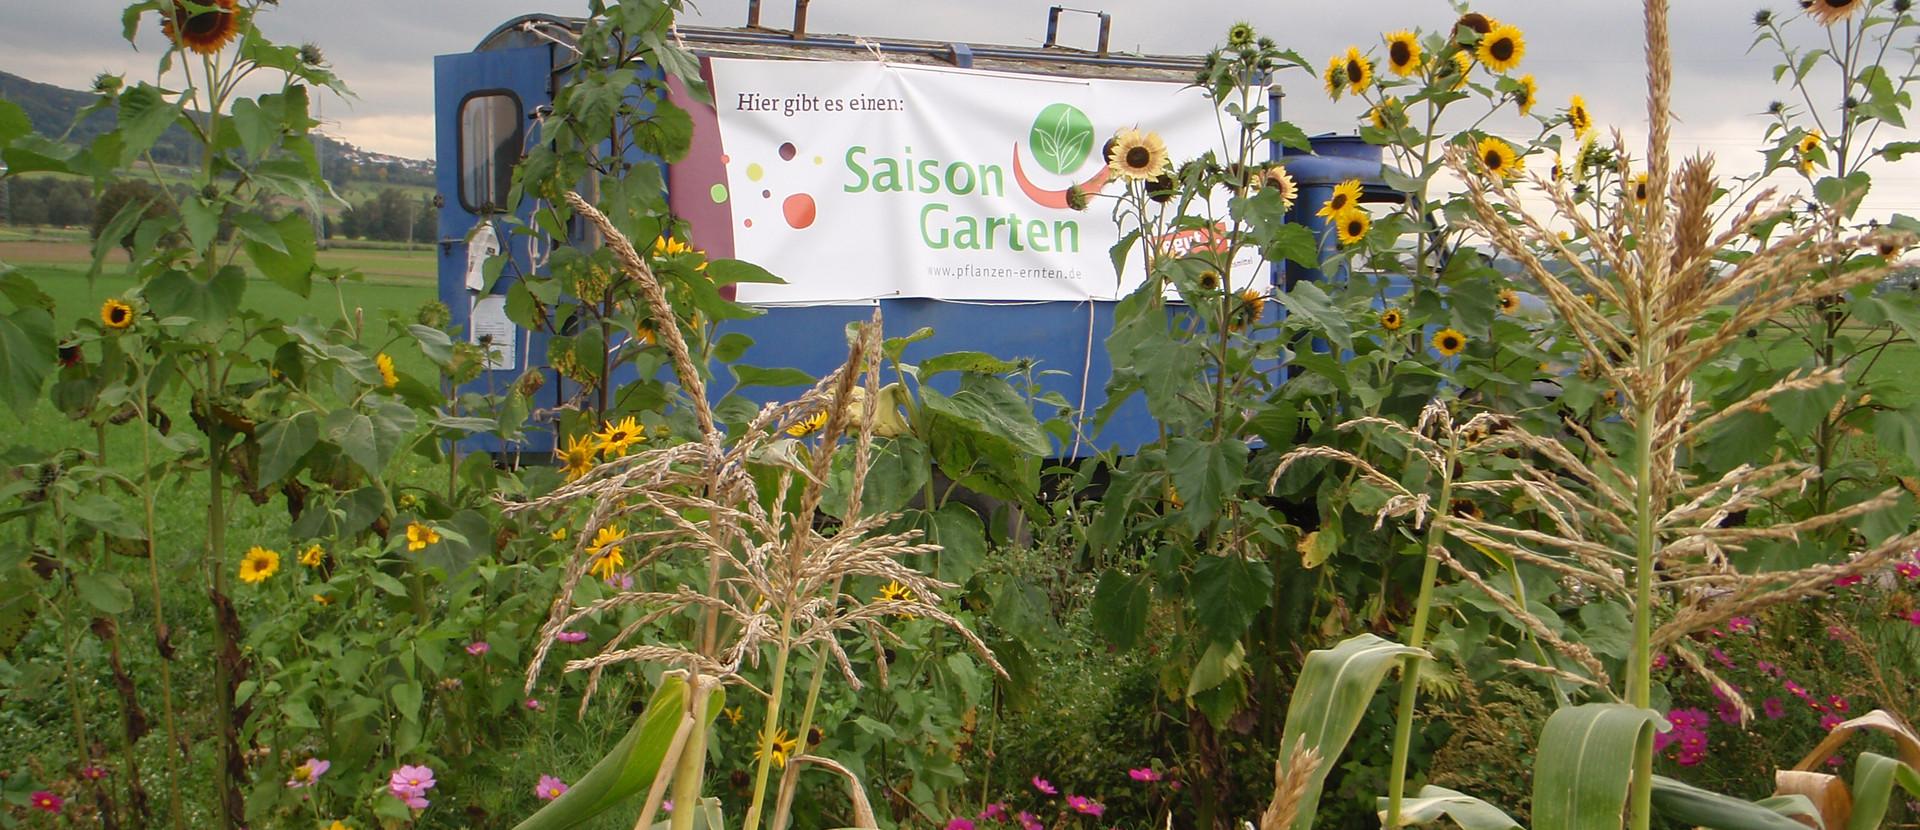 Saisongarten Buseck Mais und Blumen vor Banner